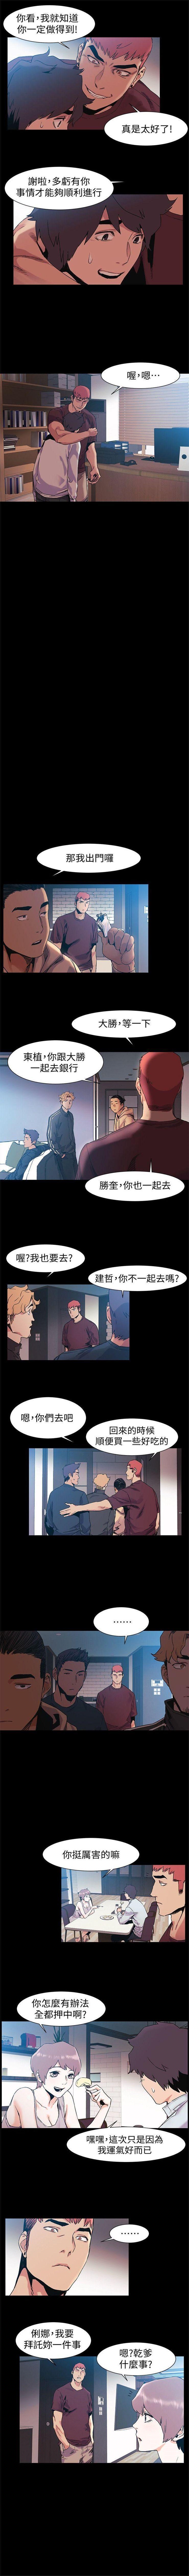 (週5)衝突 1-94 中文翻譯 (更新中) 194